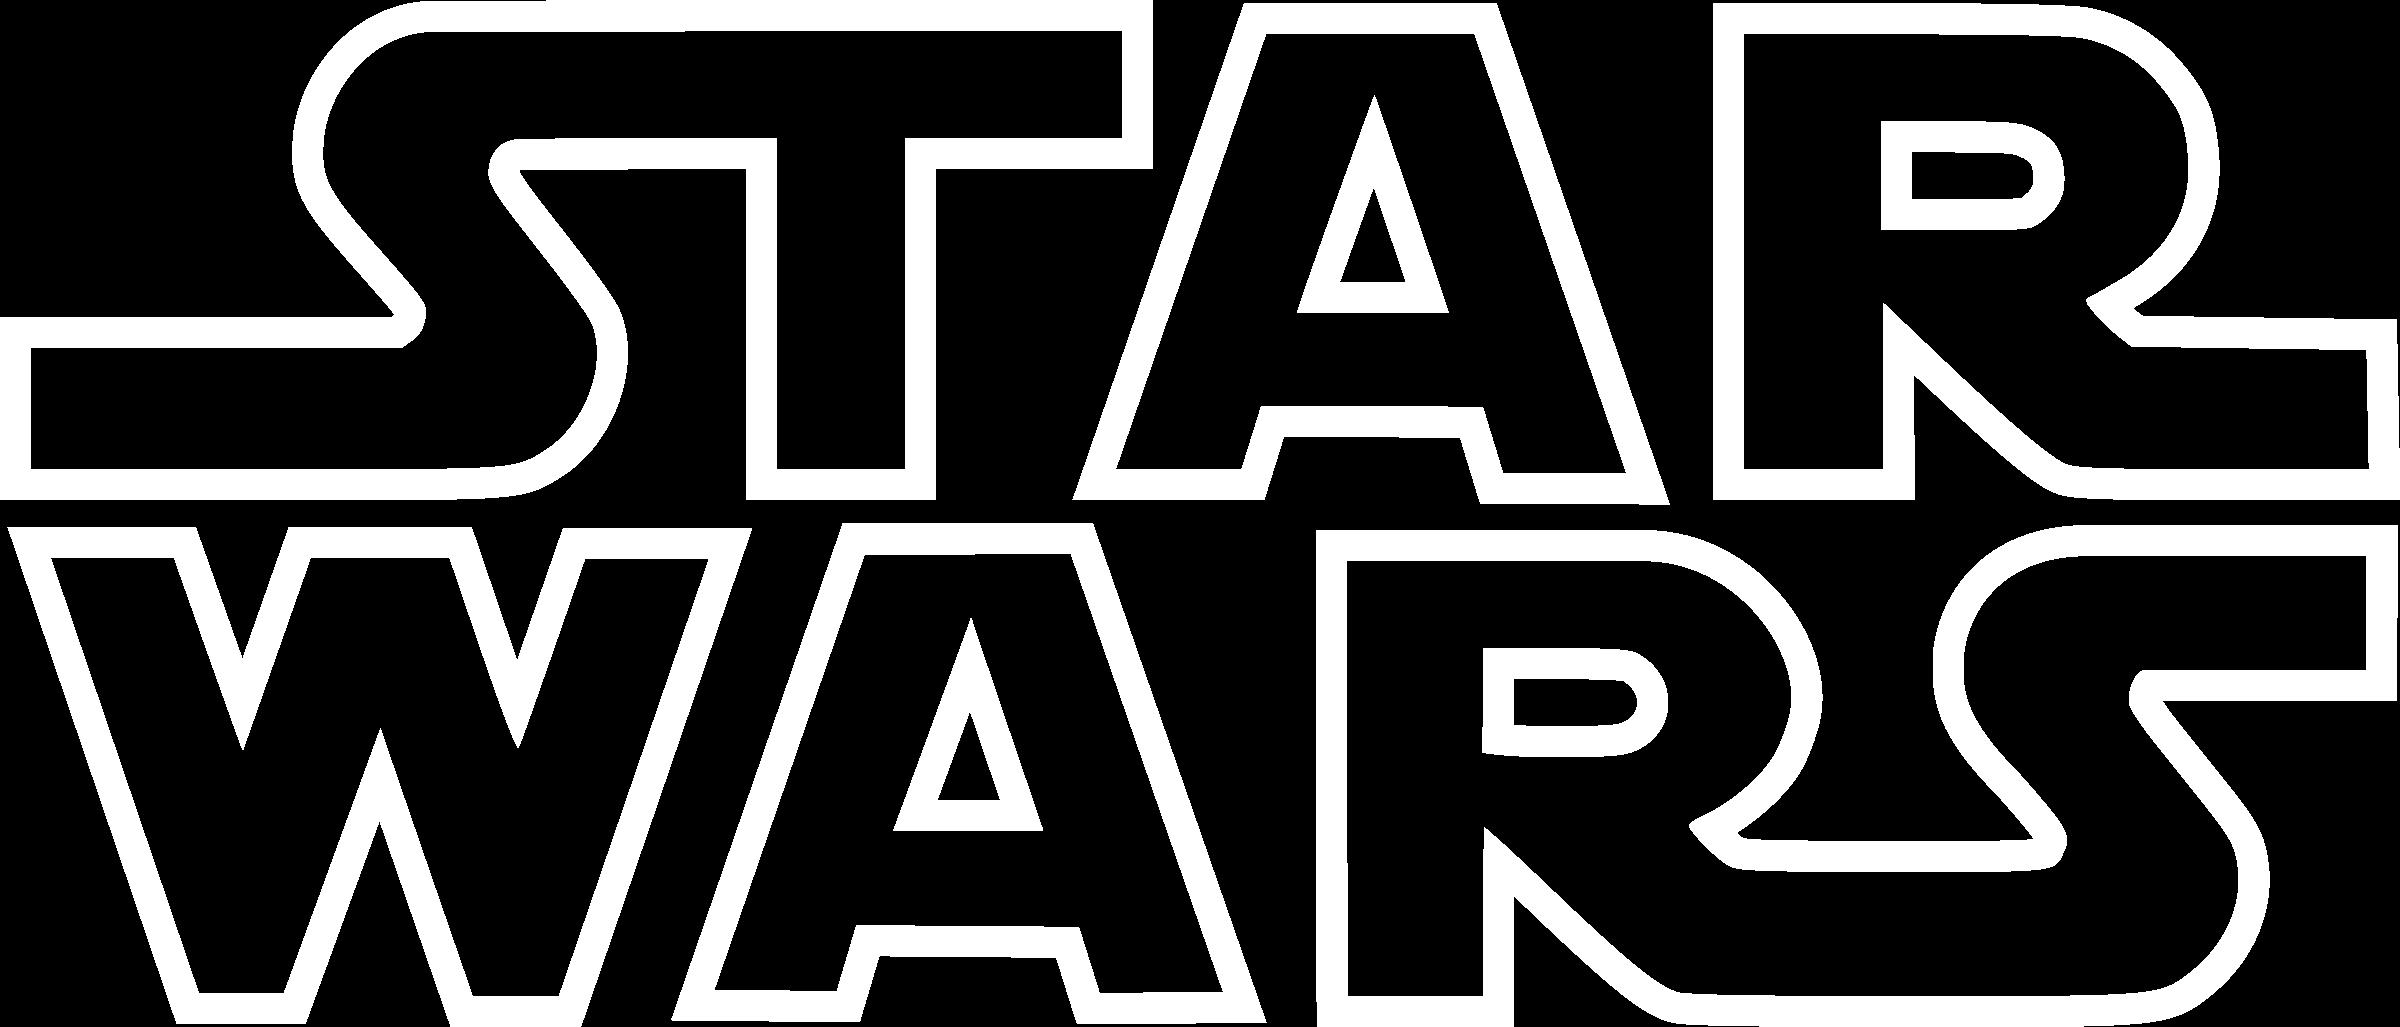 Star Wars Logo Outline Png Transparent Svg Vector Freebie Supply